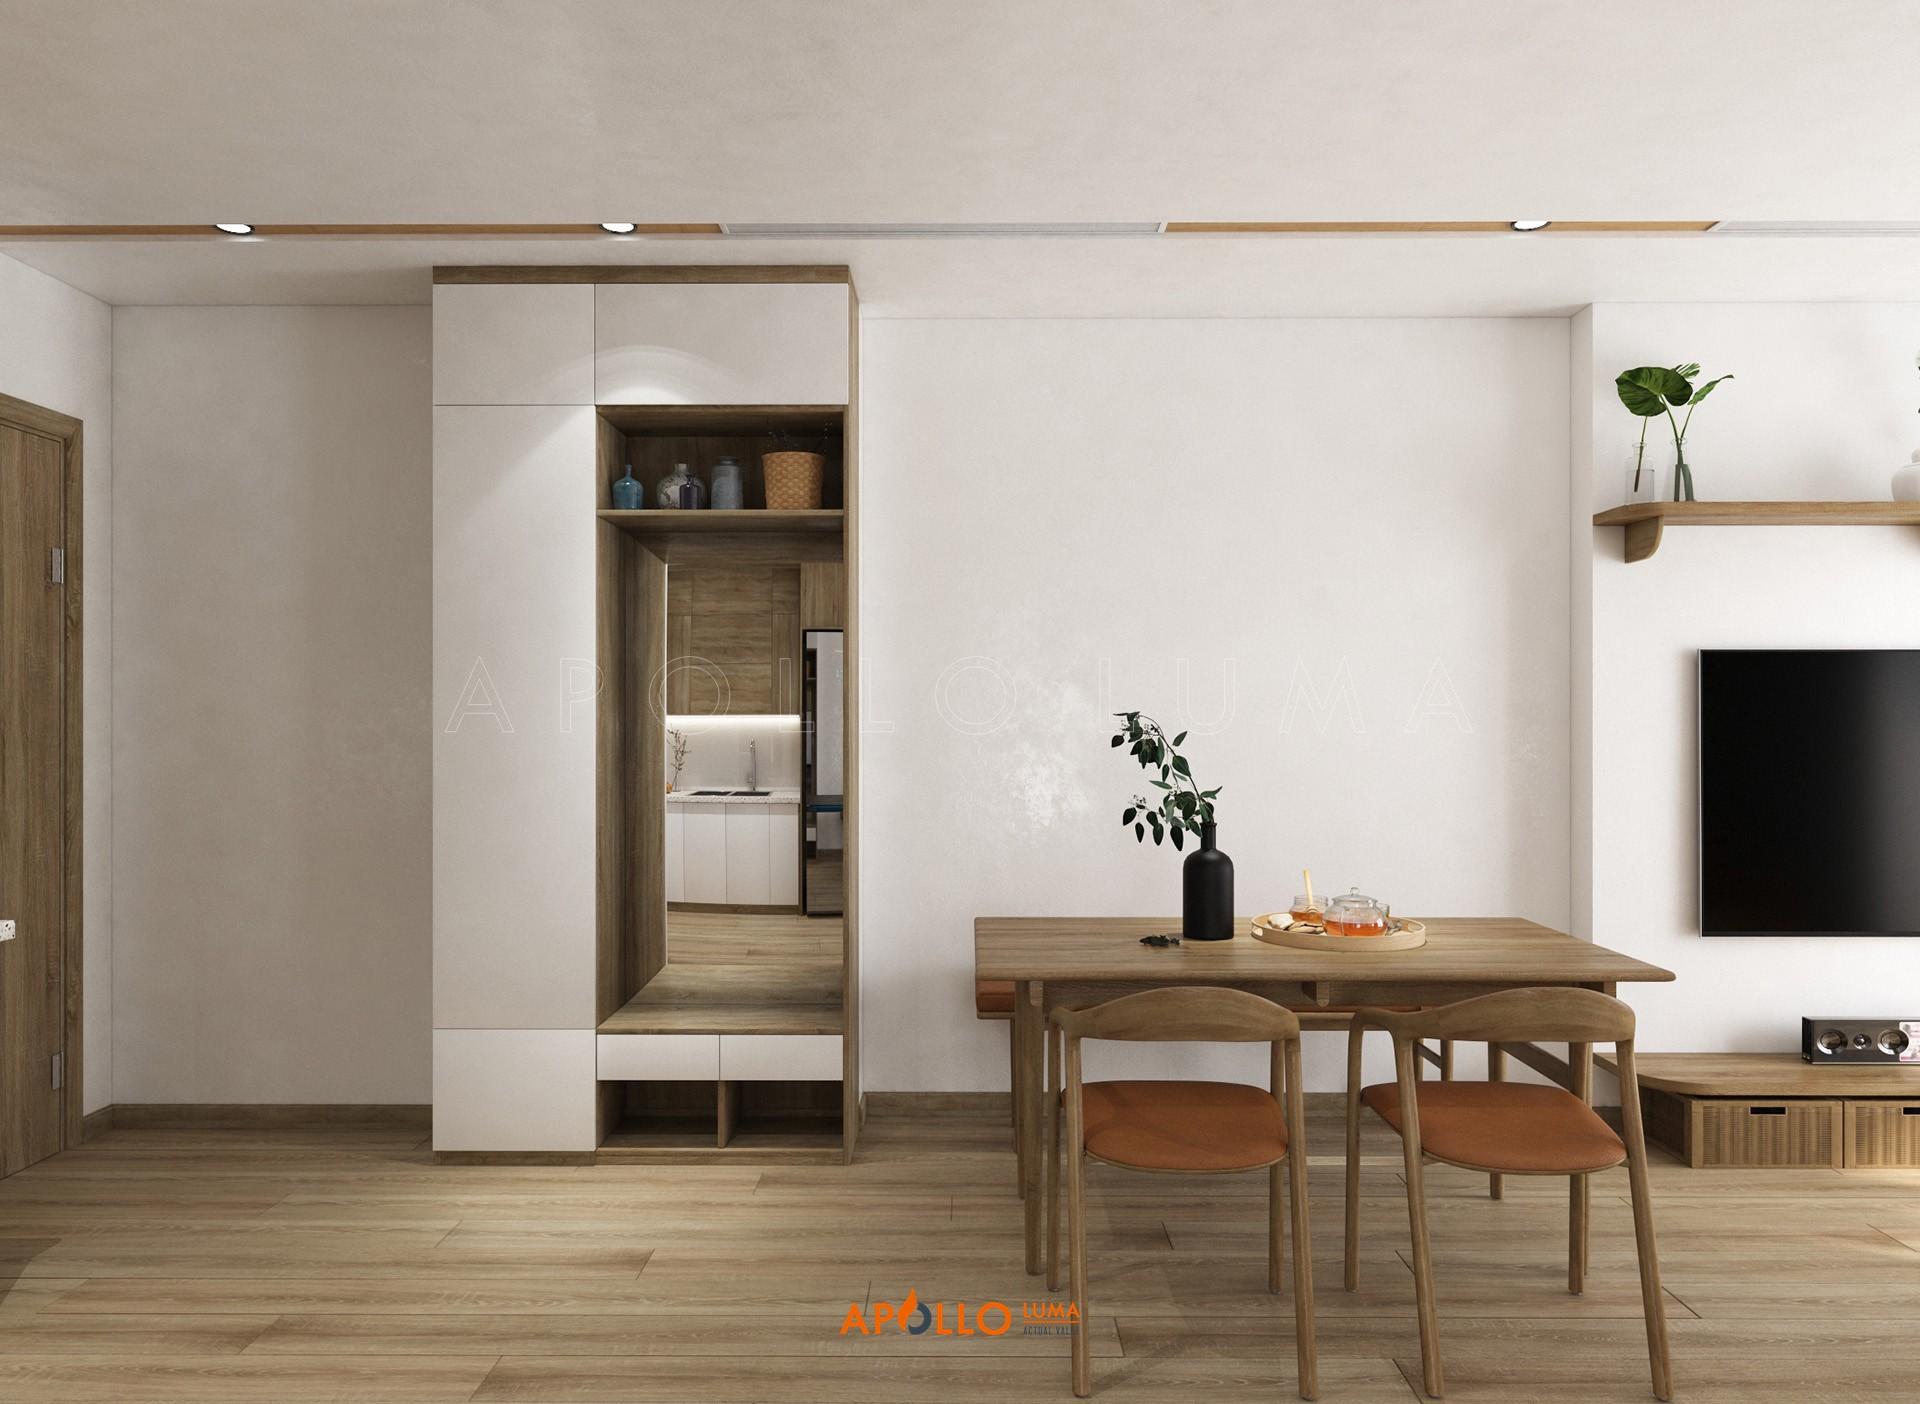 Thiết kế nội thất căn 55m2 (2PN+1WC) S4.02-08 Vinhomes Smart City Tây Mỗ